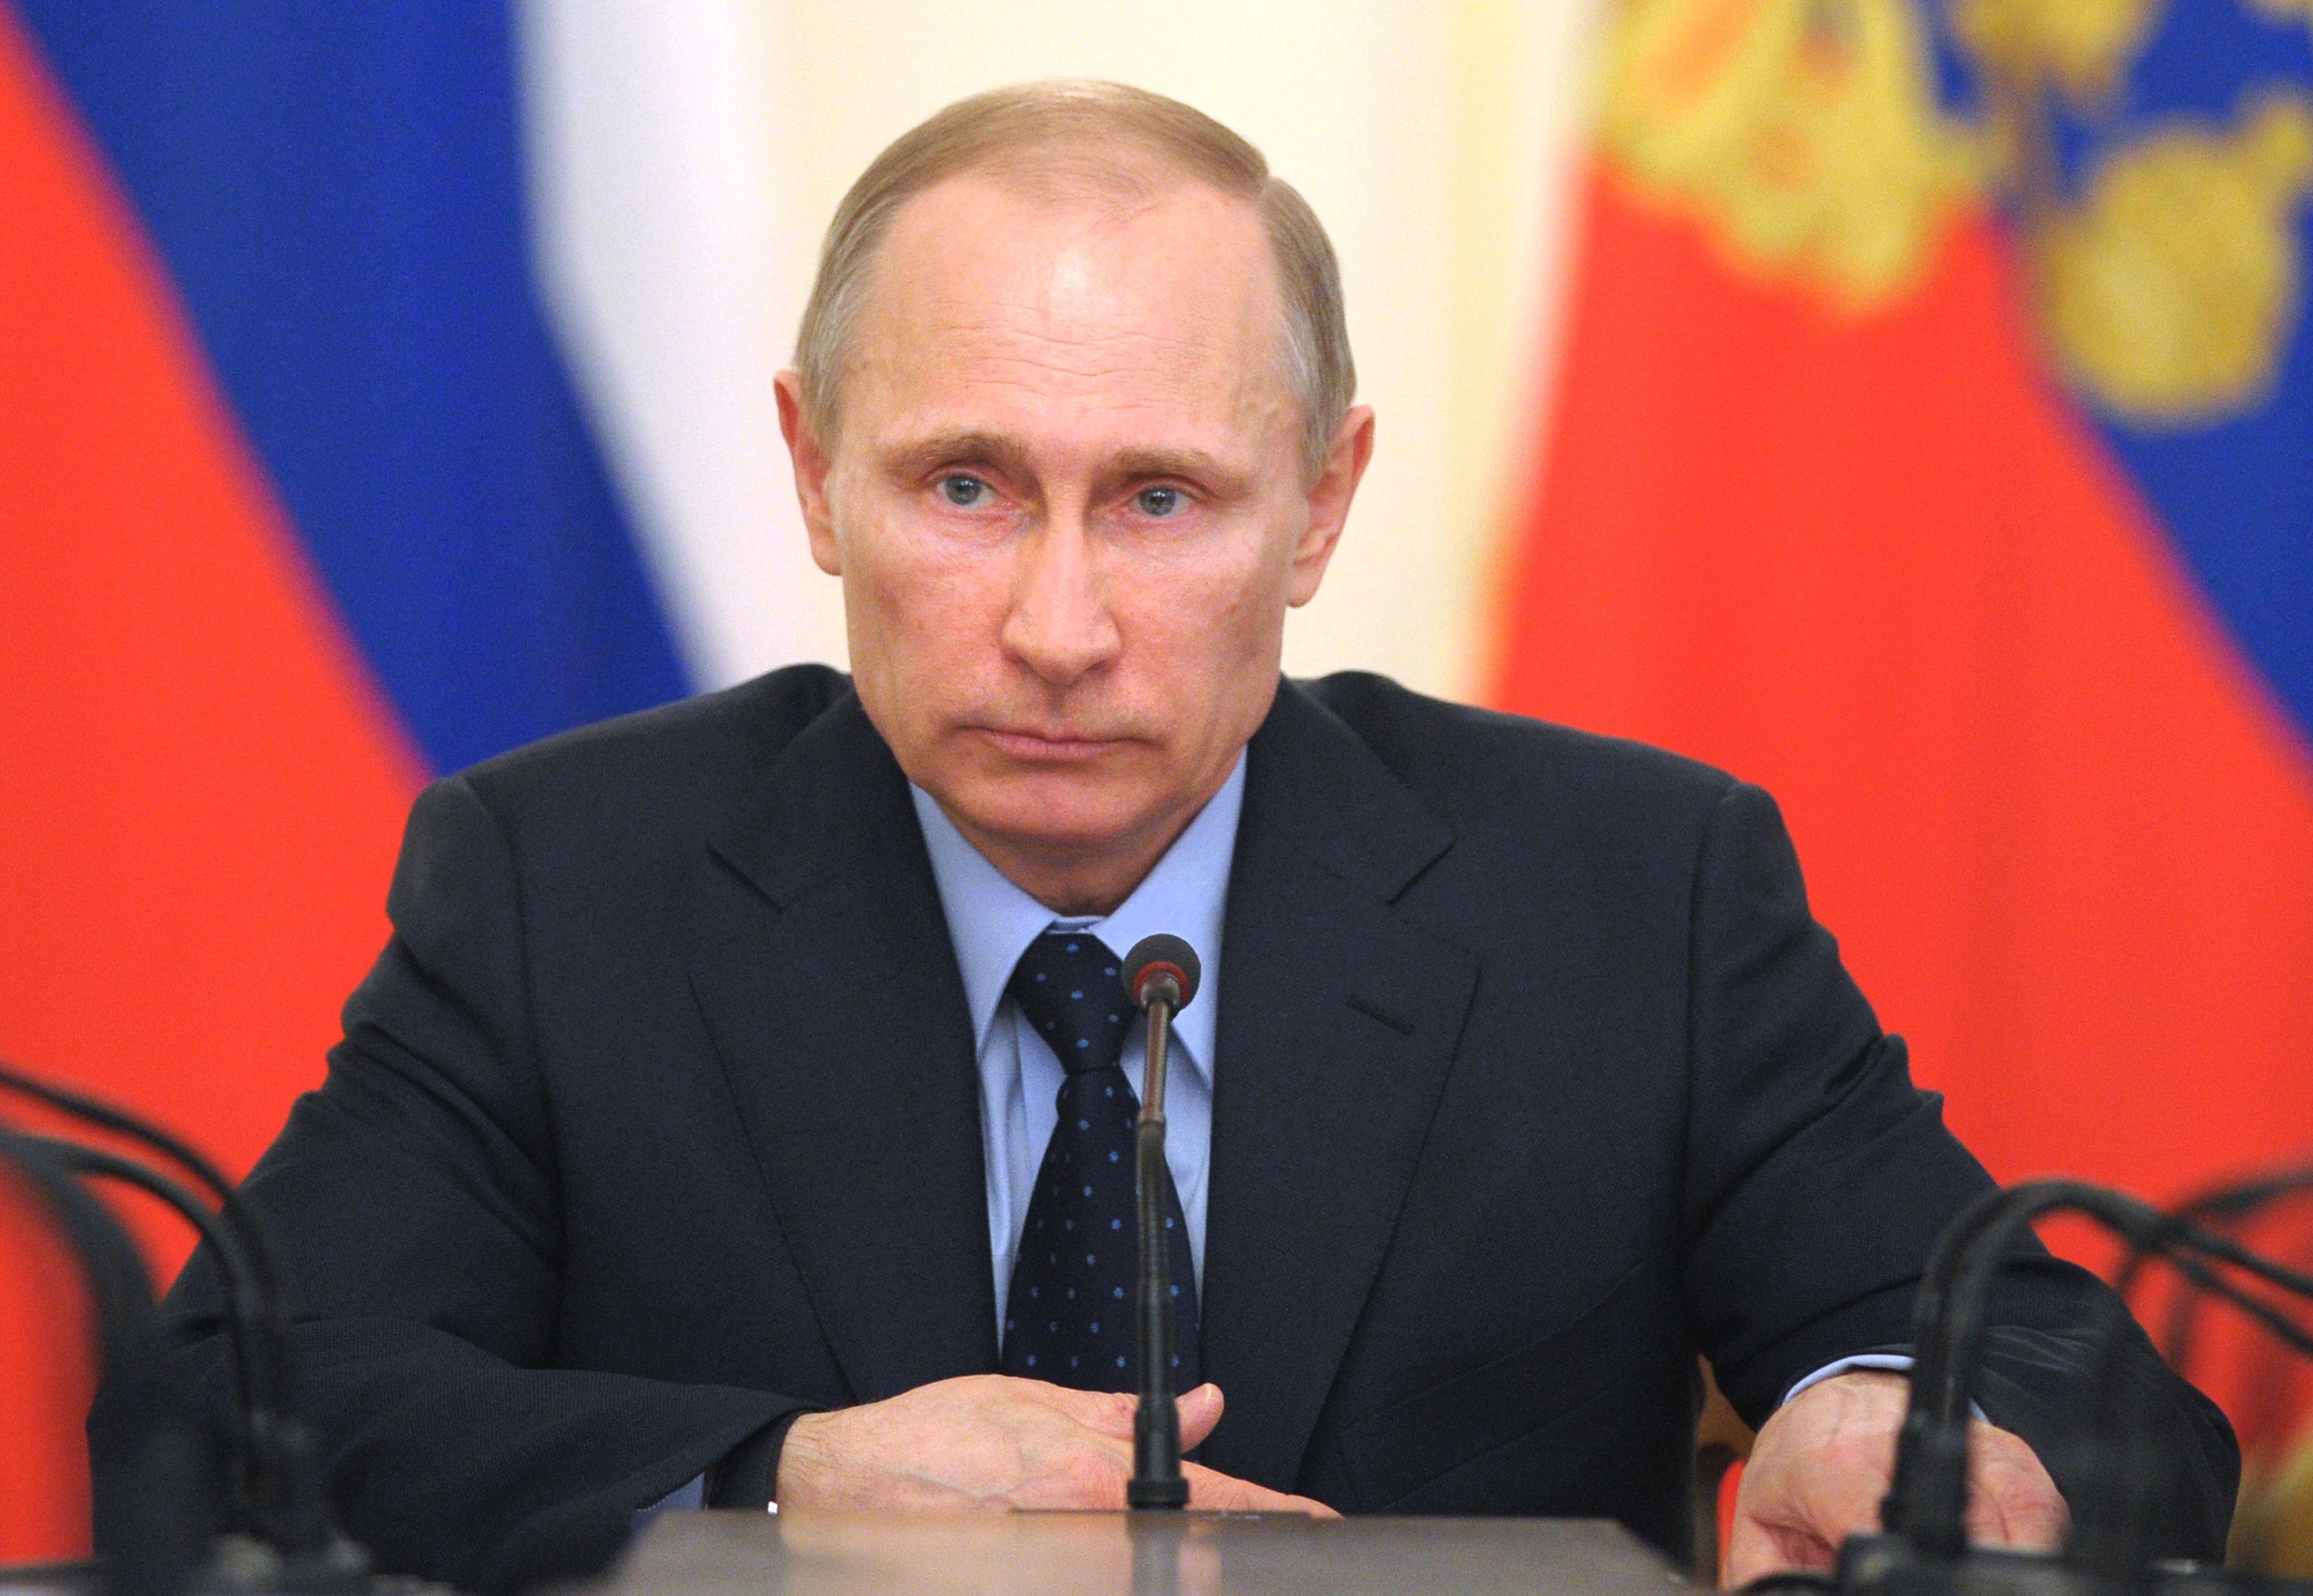 プーチン大統領、F1ロシアGPに出席: エクレストン「制裁は我々には影響しない」